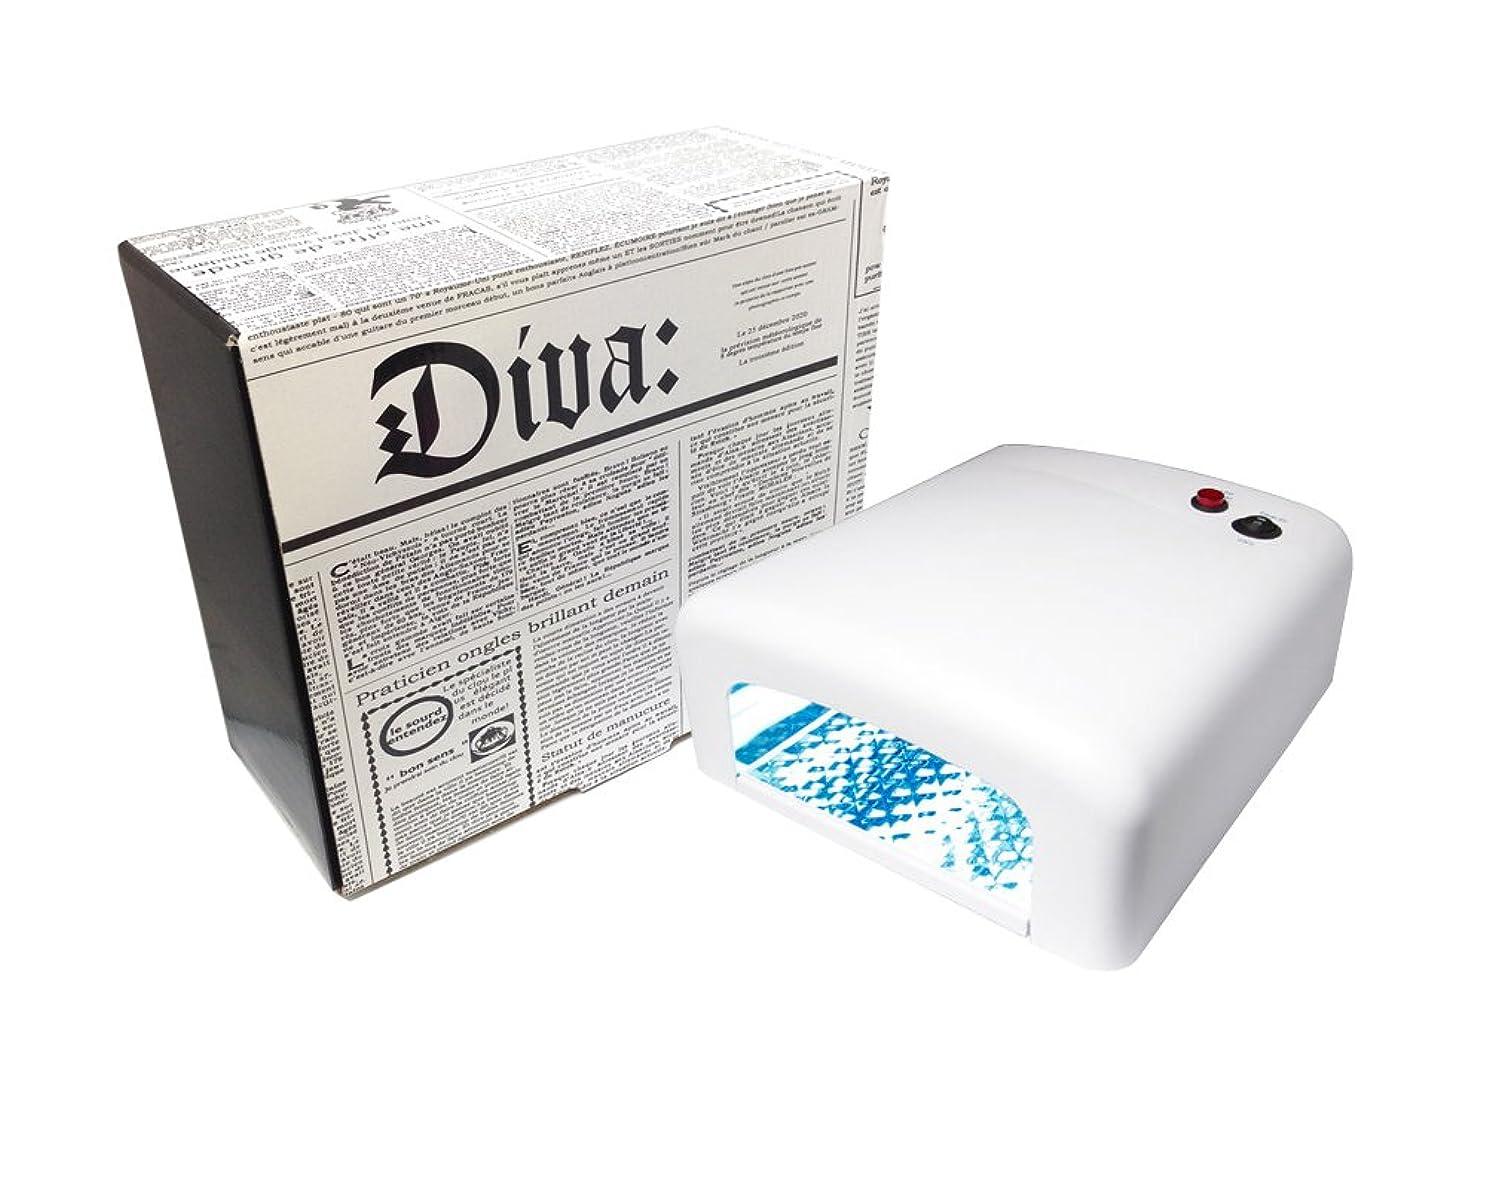 法的ガム想像力豊かなDiva(ディーヴァ) UVライト36W(UVランプ) 本体 ホワイト